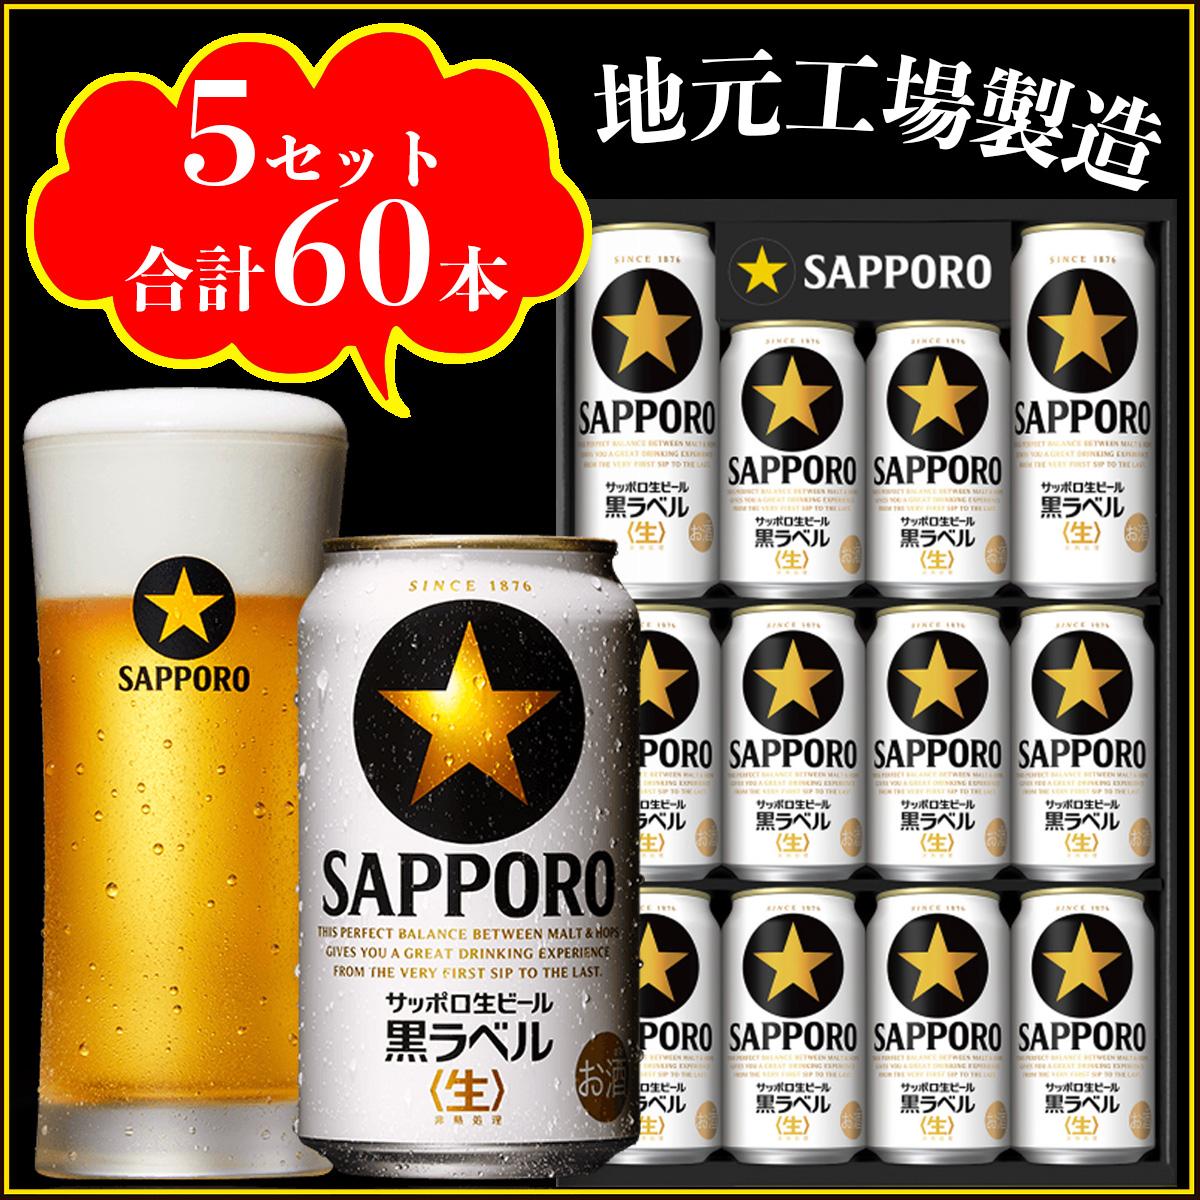 【ふるさと納税】【一括お届け便】地元名取生産 サッポロ生ビール黒ラベル(350ml×10本&500ml×2本)5ケースお届け